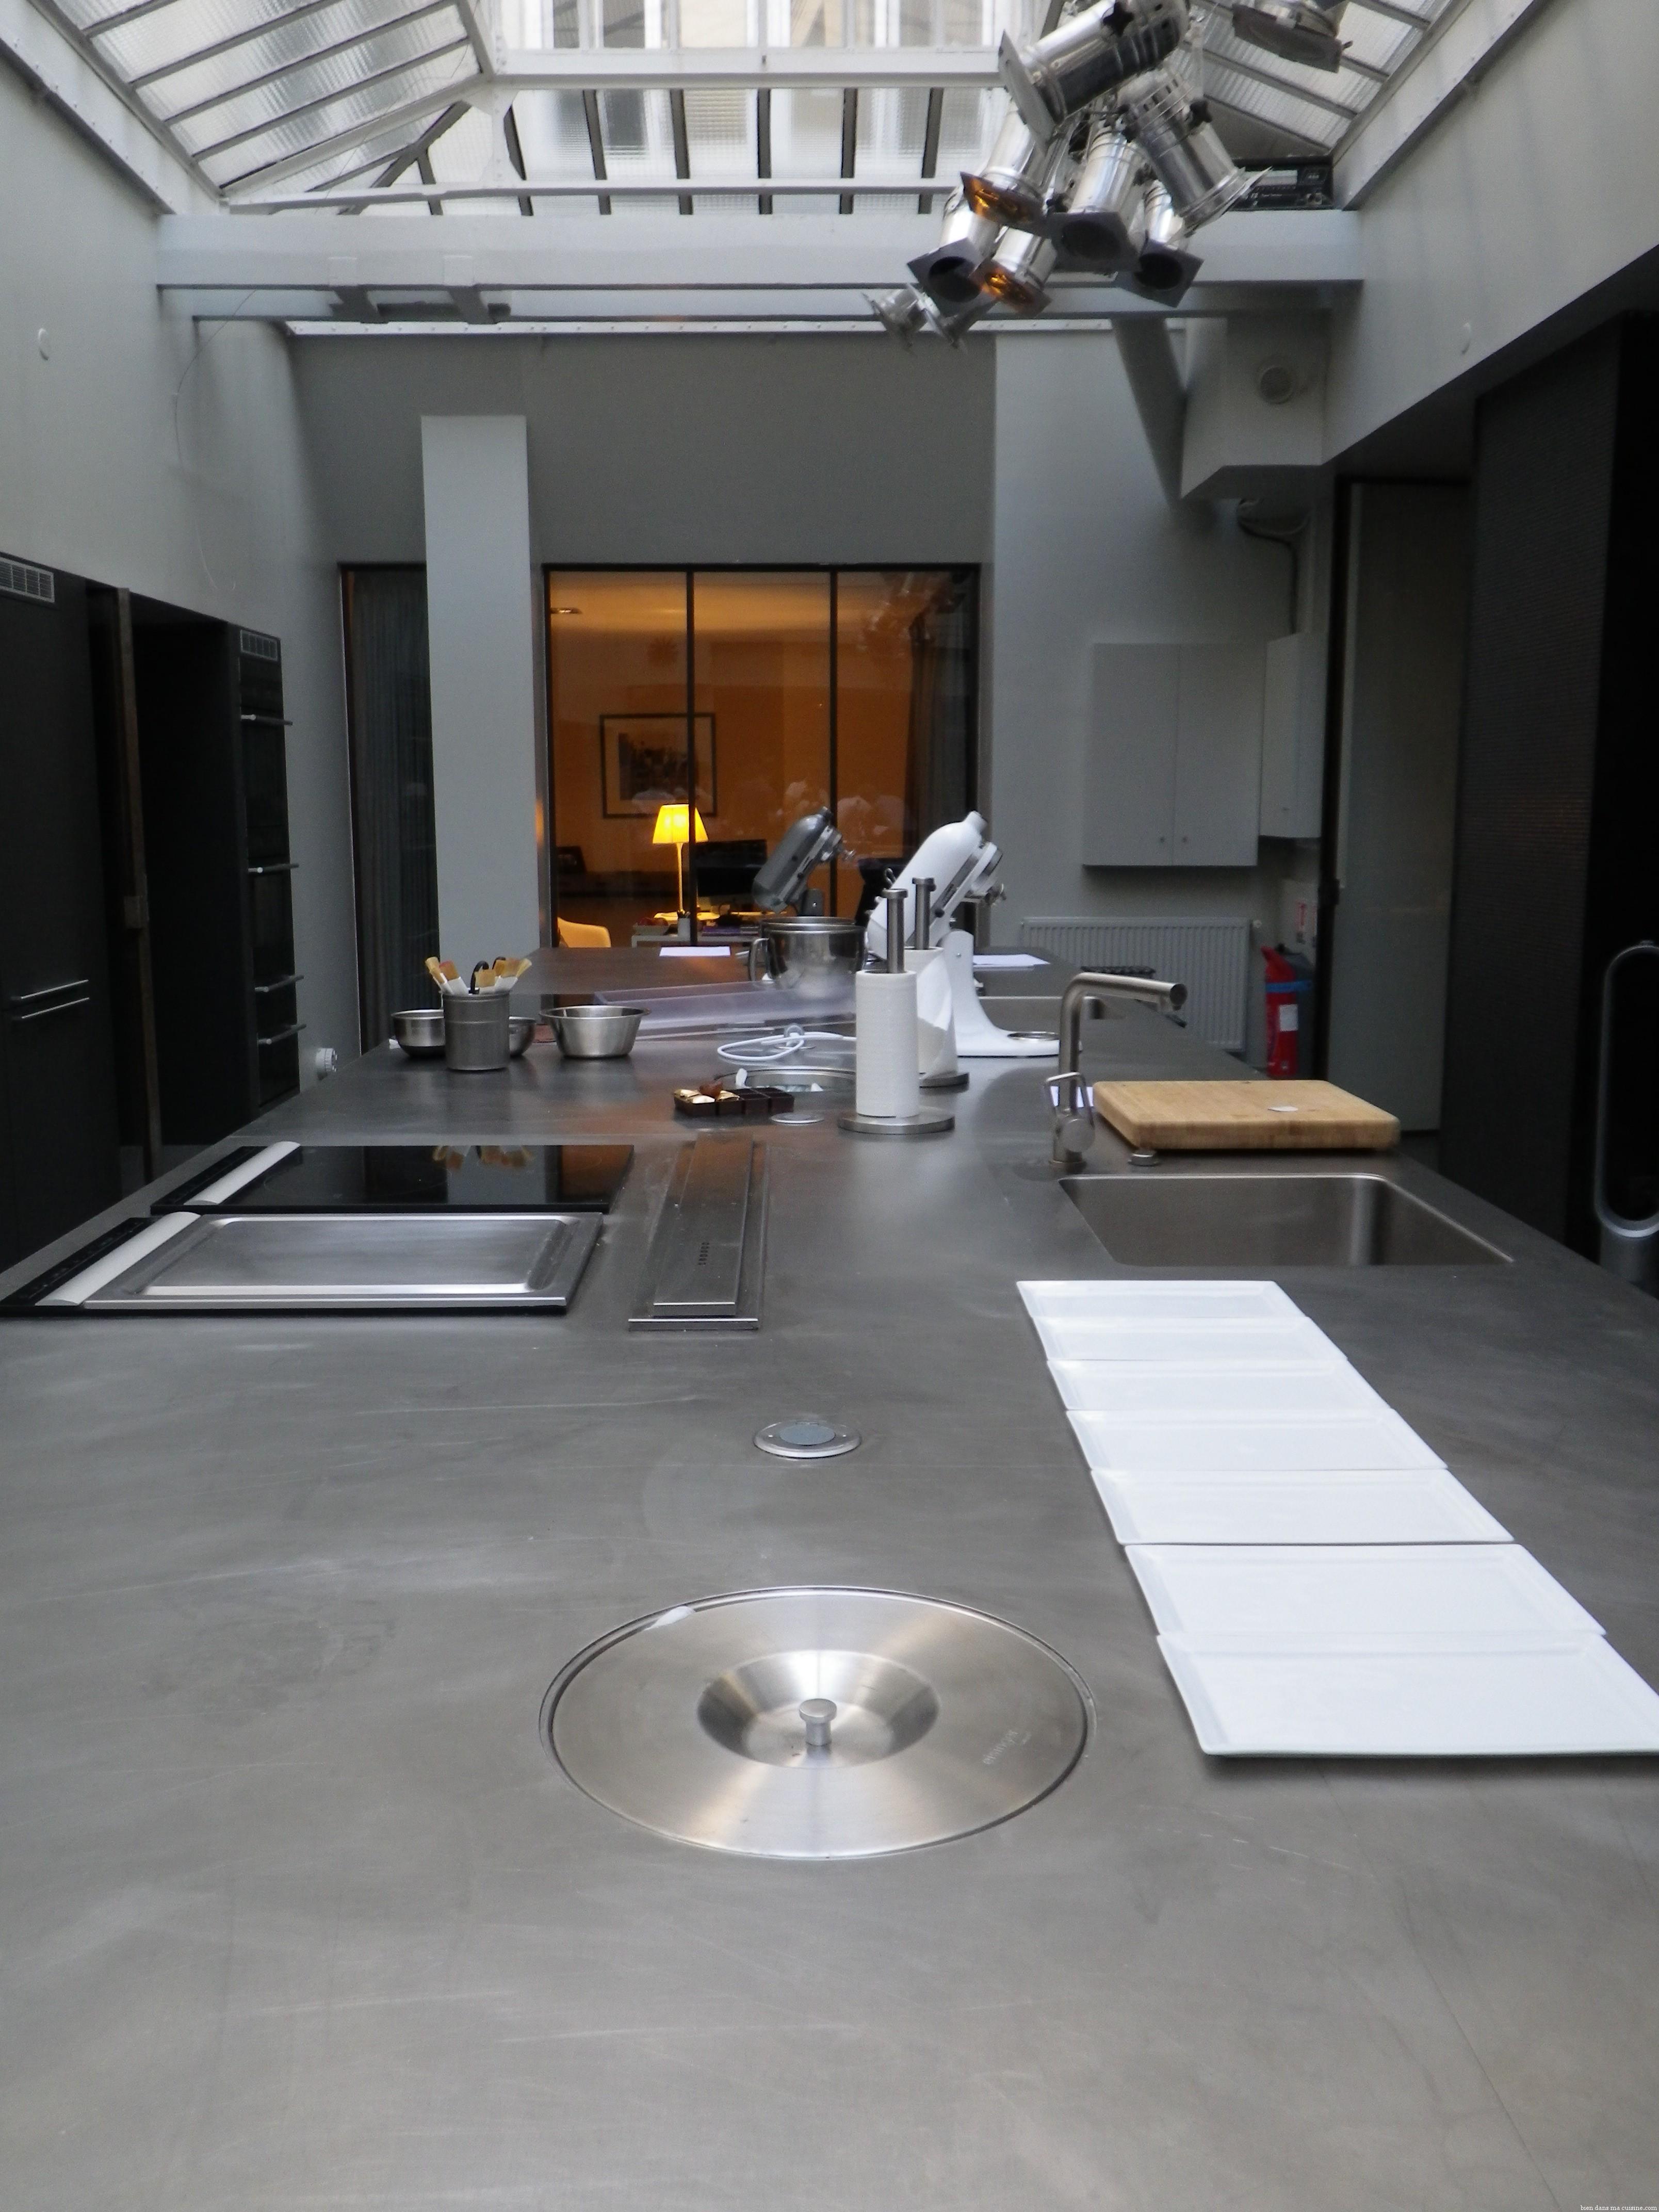 La b che aux marrons et au chocolat pour le r veillon de la saint sylvestre by cyril lignac - Cours de cuisine cyrille lignac ...